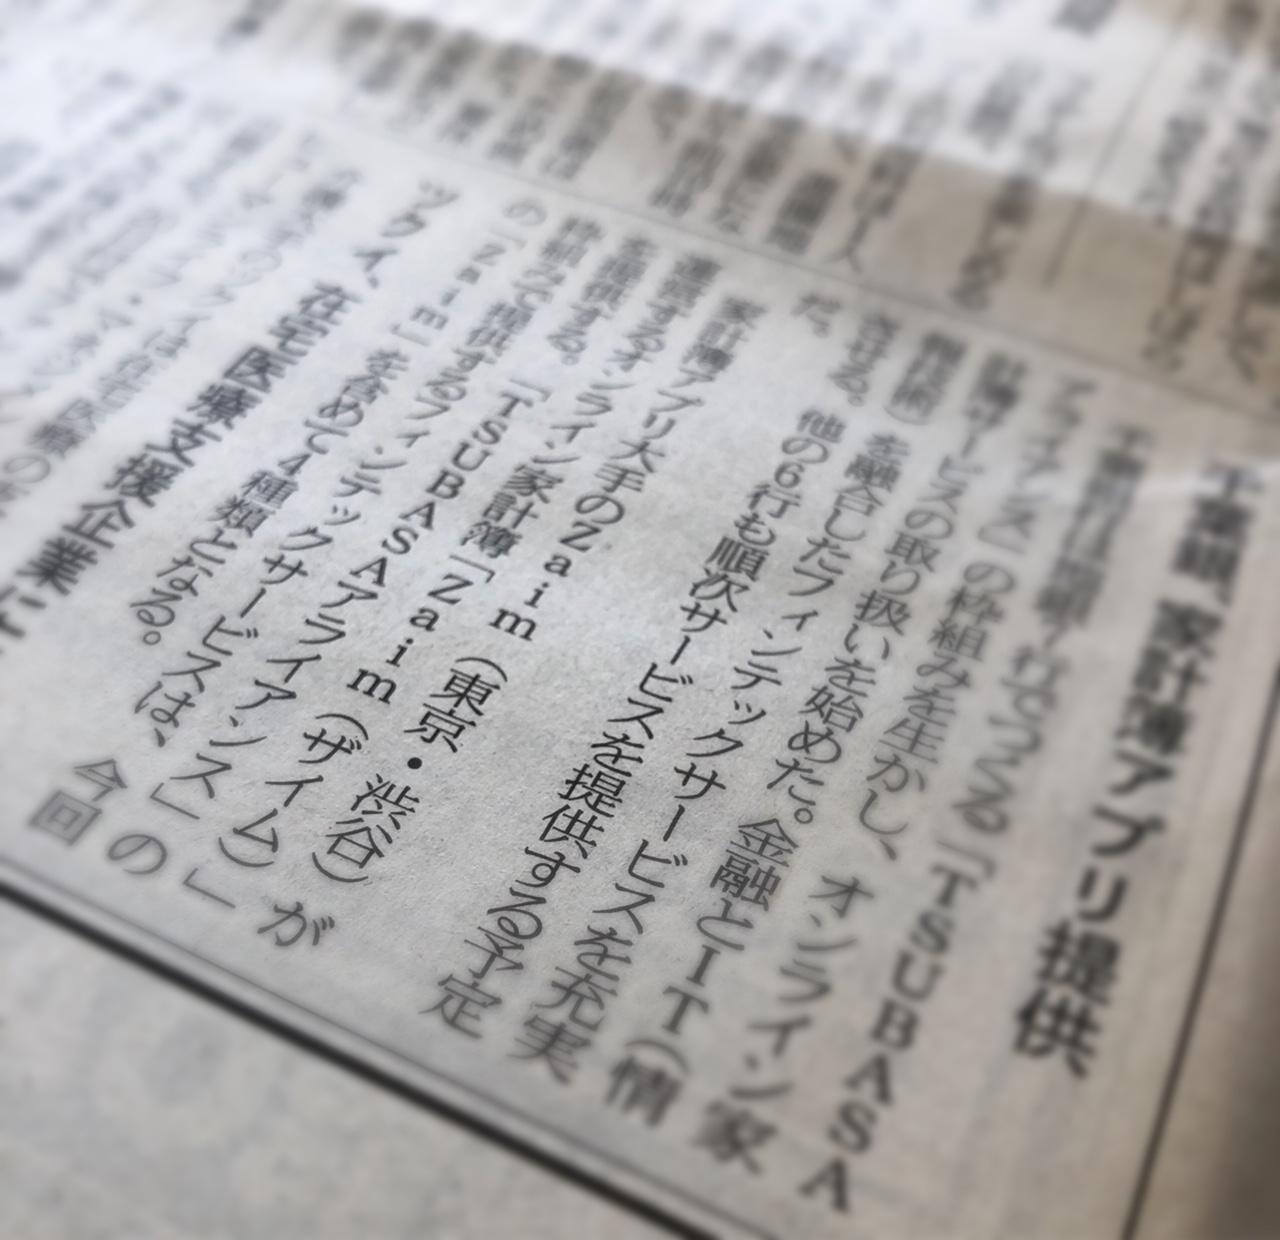 日本経済新聞に家計簿 Zaim が紹介